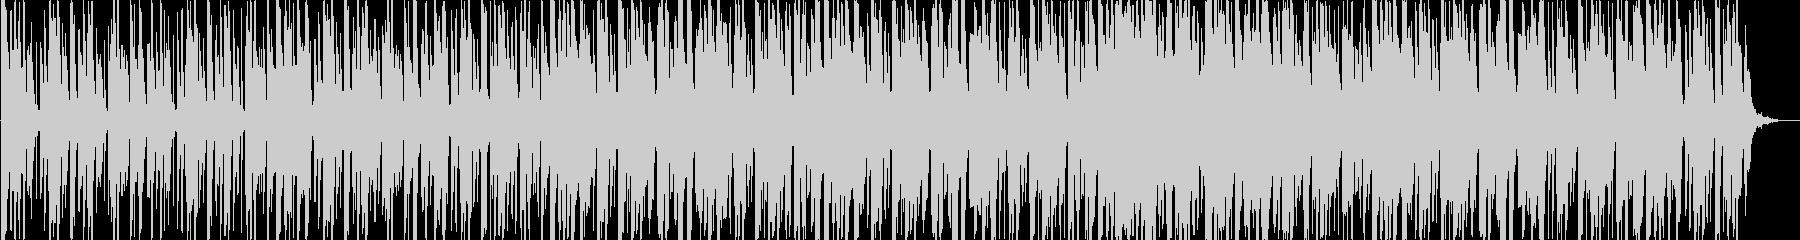 ダンサンブルなラテンポップスの未再生の波形